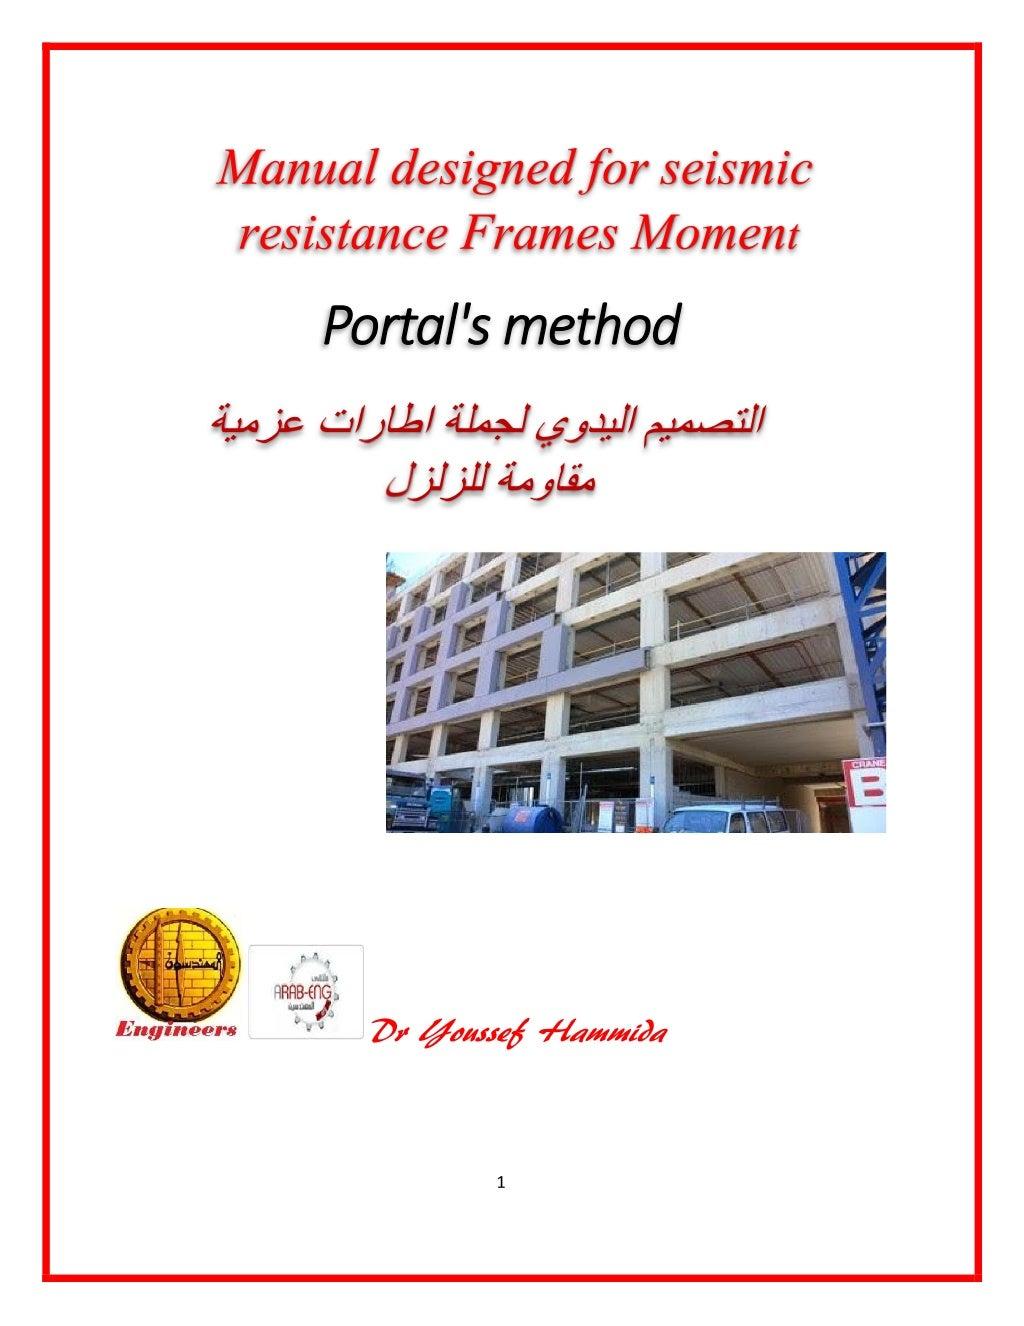 manual-designed-for-seismic-resistance-frames-moment-portals-method-1-1024.jpg